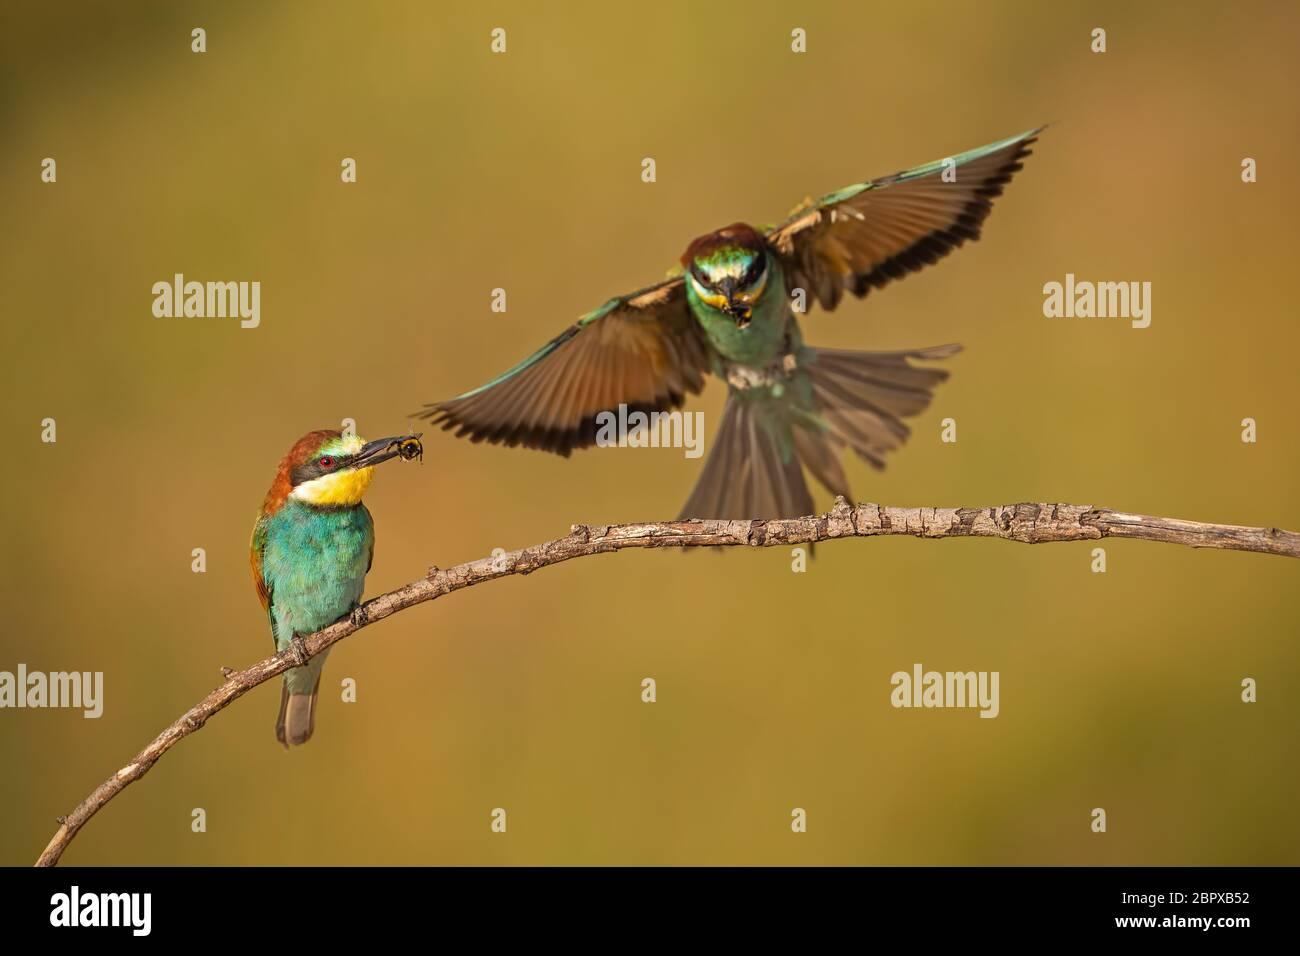 Par de unión abejarucos Merops apiaster, con una captura. Dos coloridas aves de aspecto exótico. Acción paisaje silvestre con una celebración de aves insectos en Foto de stock